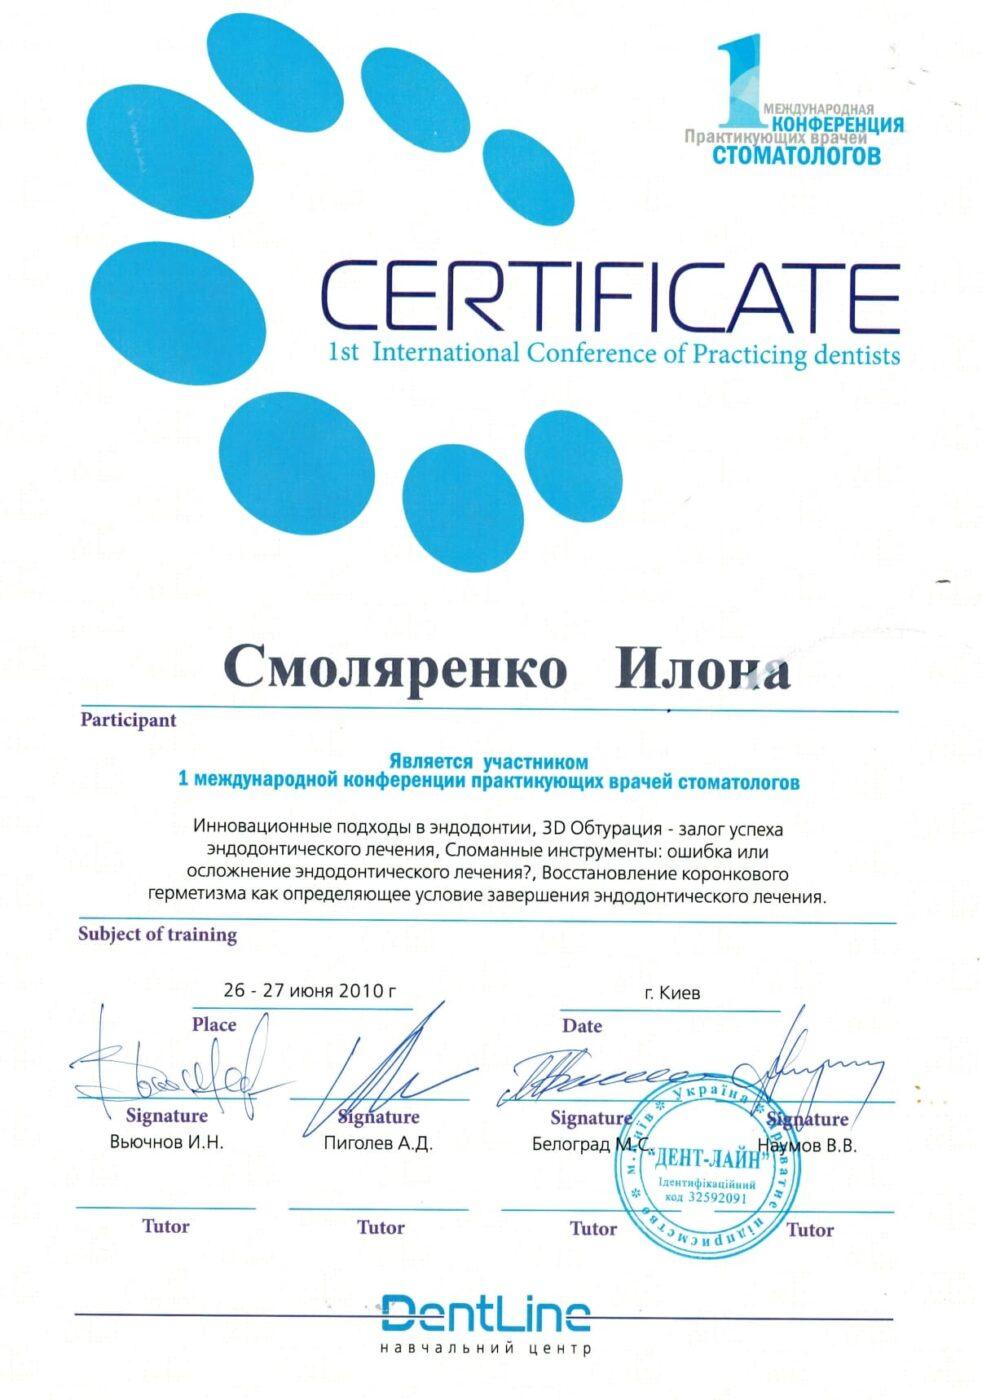 Сертифікат дитячого лікаря стоматолога Смоляренко Ілони Олегівни об участі у конференции (1 международной конференции практикующих врачей стоматологов)